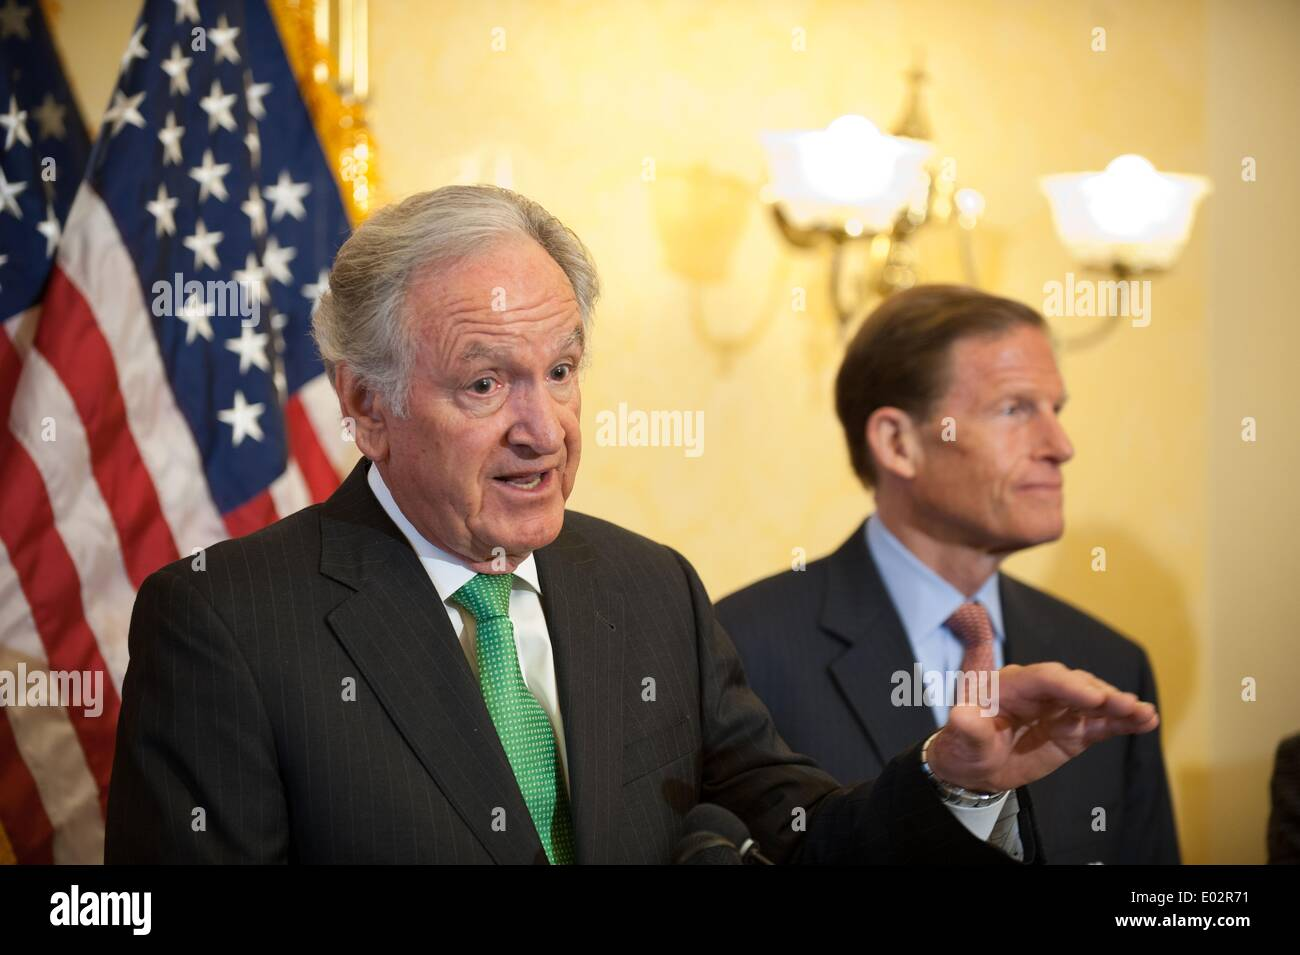 Iowa il senatore Tom Harkin stand con un gruppo dei democratici per il lancio di un push per passare pay equità tra uomini e donne e una proposta per aumentare il minimo federale di aumento salariale a $10.10 per ora il 29 aprile 2014 a Washington, DC. Credito: Planetpix/Alamy Live News Immagini Stock